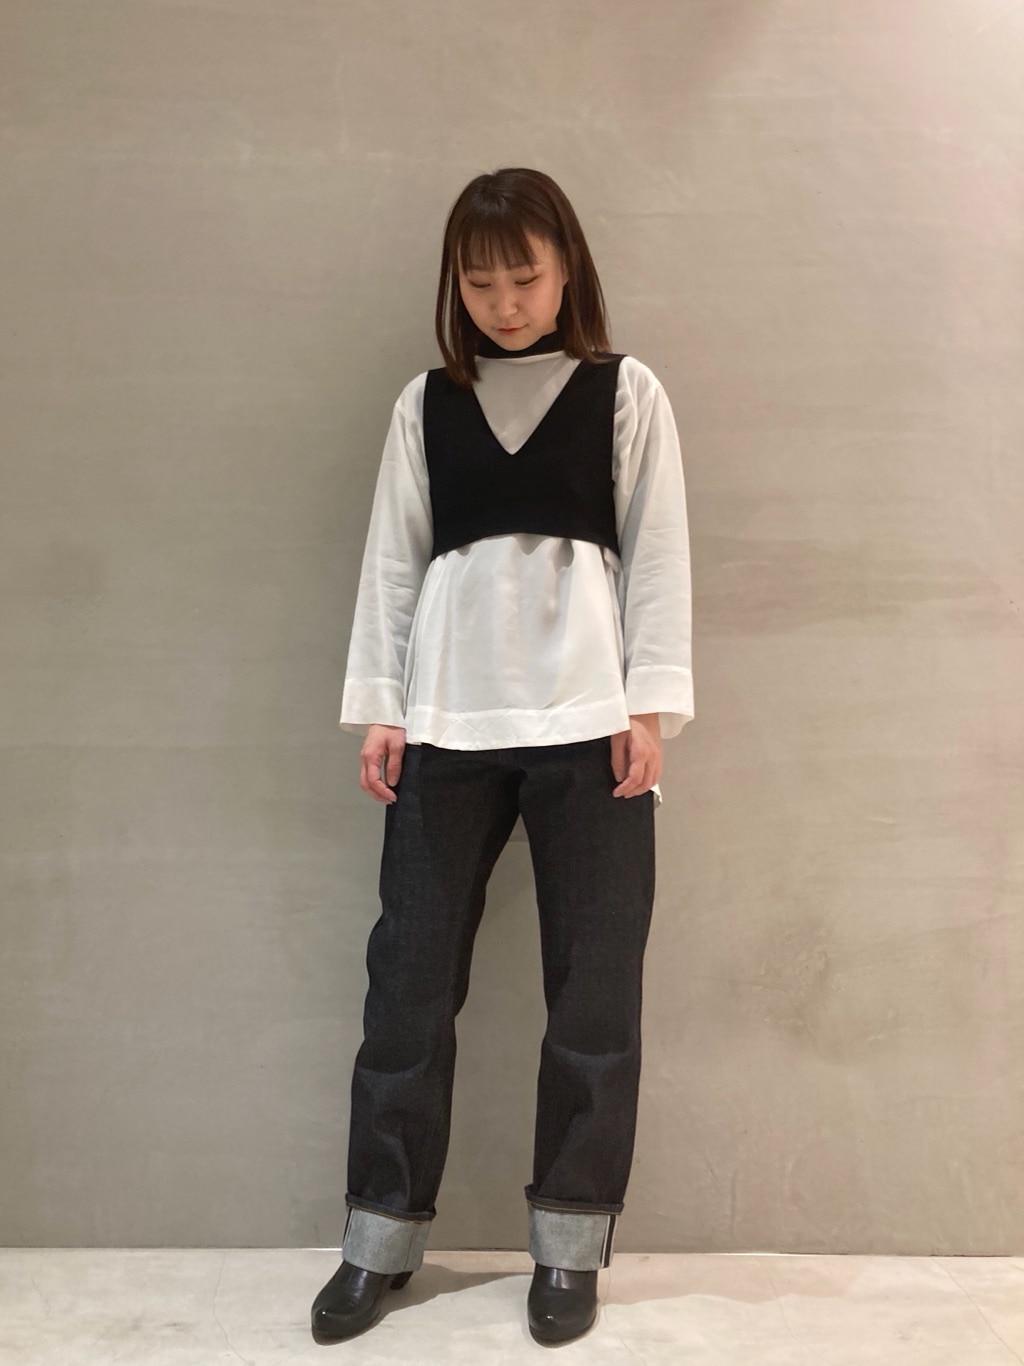 iki iki 渋谷パルコ 身長:158cm 2021.02.12